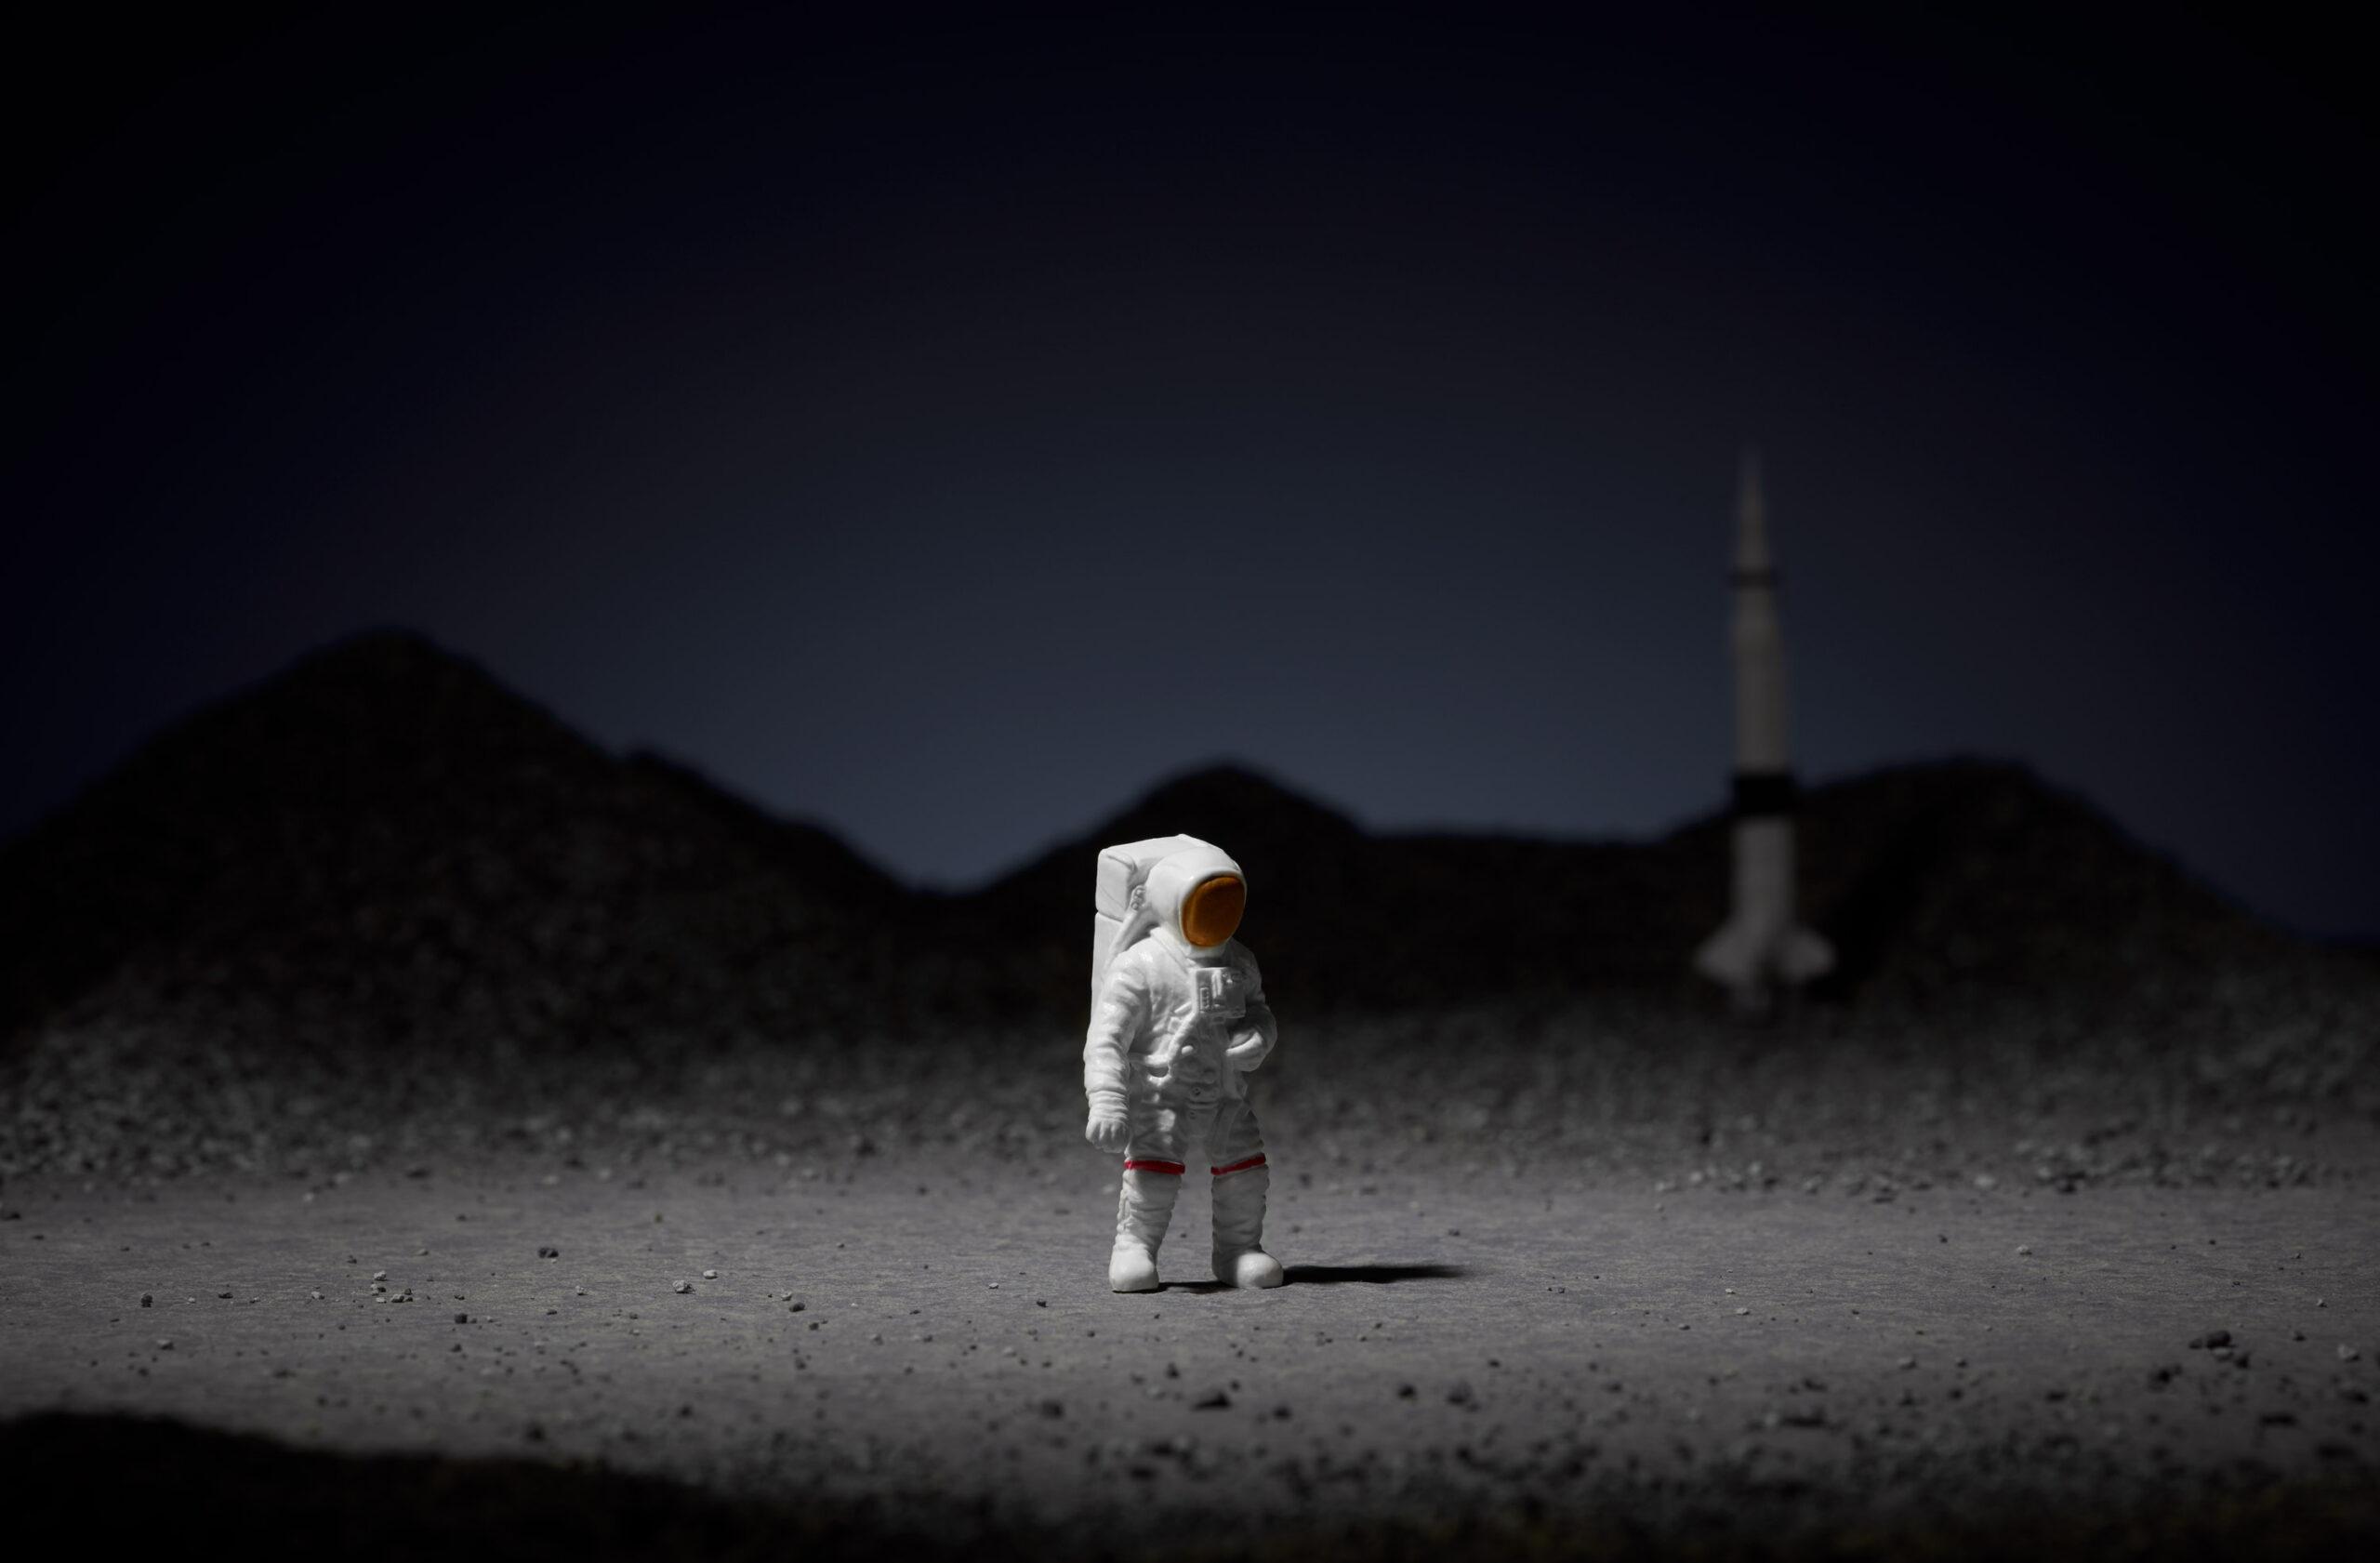 Misja EQUITONE [lunara]: Regularnie nieregularne – dla nieprzeciętnej elewacji